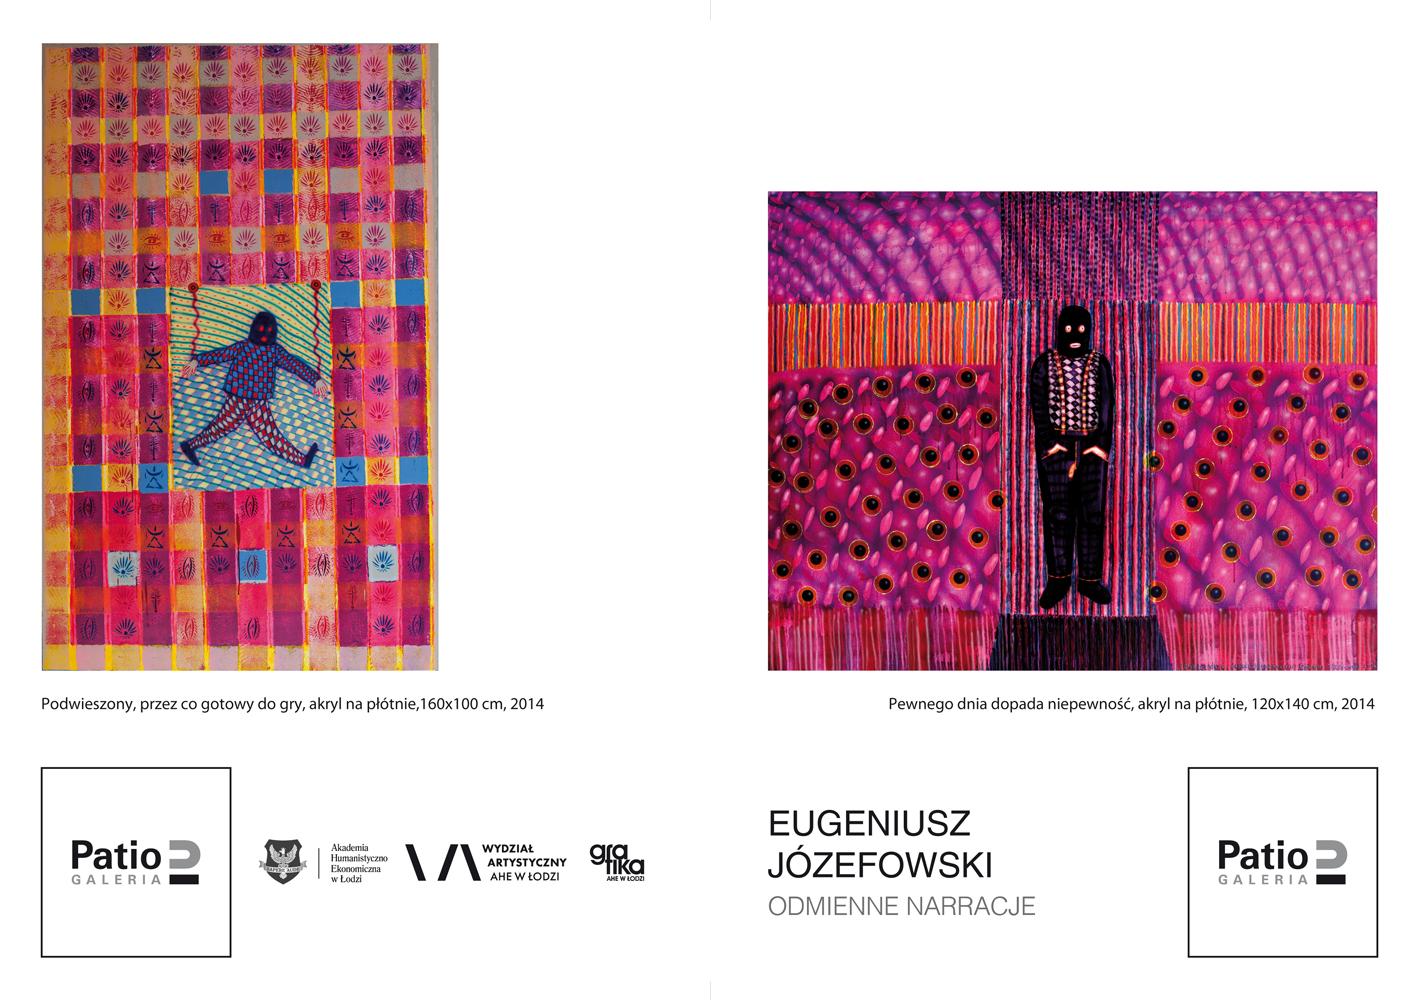 Wernisaż wystawy Eugeniusza Józefowskiego w Galerii Patio2